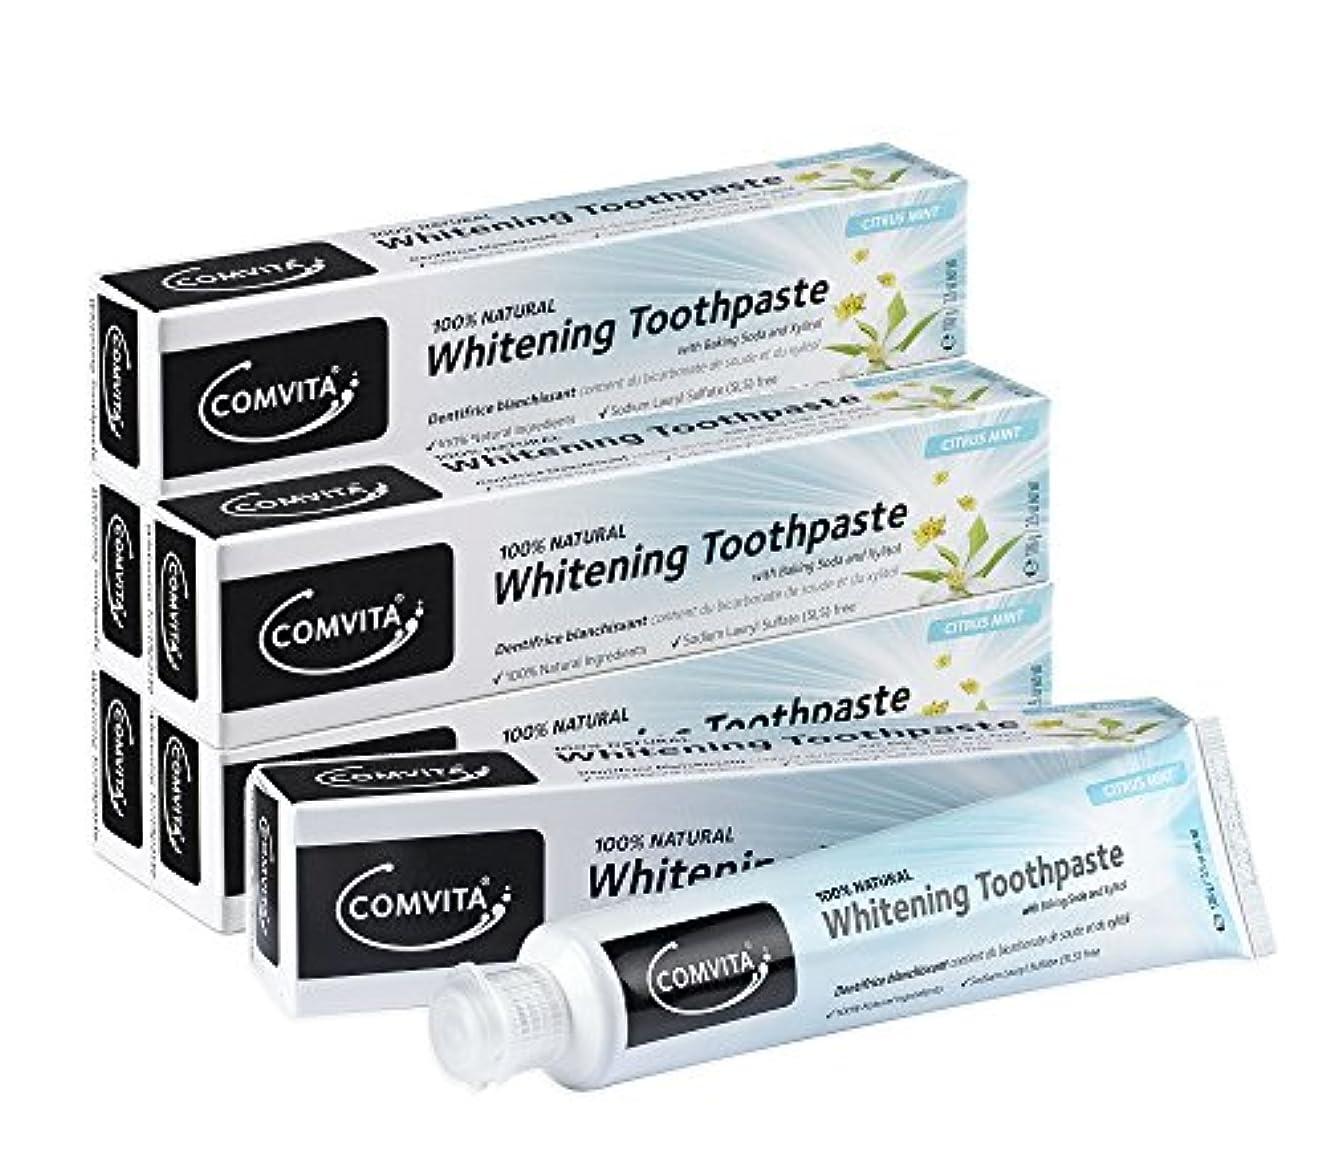 フットボールパドル褒賞ホワイトニング歯磨き コンビタ 100g お得な6本セット whitening toothpaste